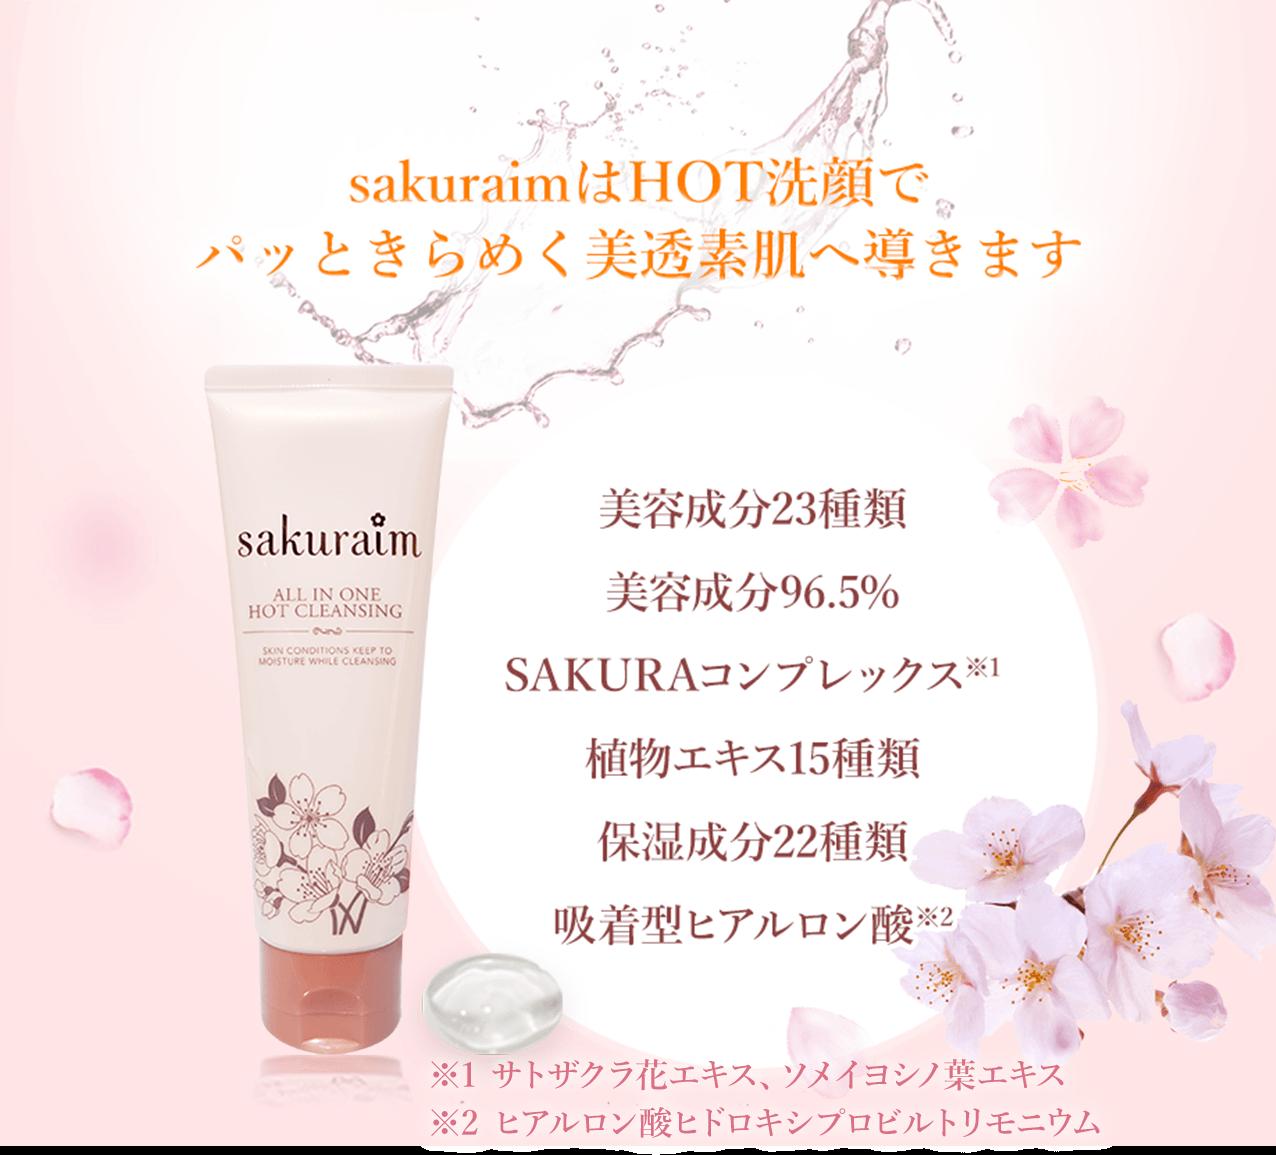 sakuraimはHOT洗顔でパッときらめく美透素肌へ導きます 美容成分23種類 美容成分96.5% SAKURAコンプレックス※1 植物エキス15種類 保湿成分22種類 吸着型ヒアルロン酸※2